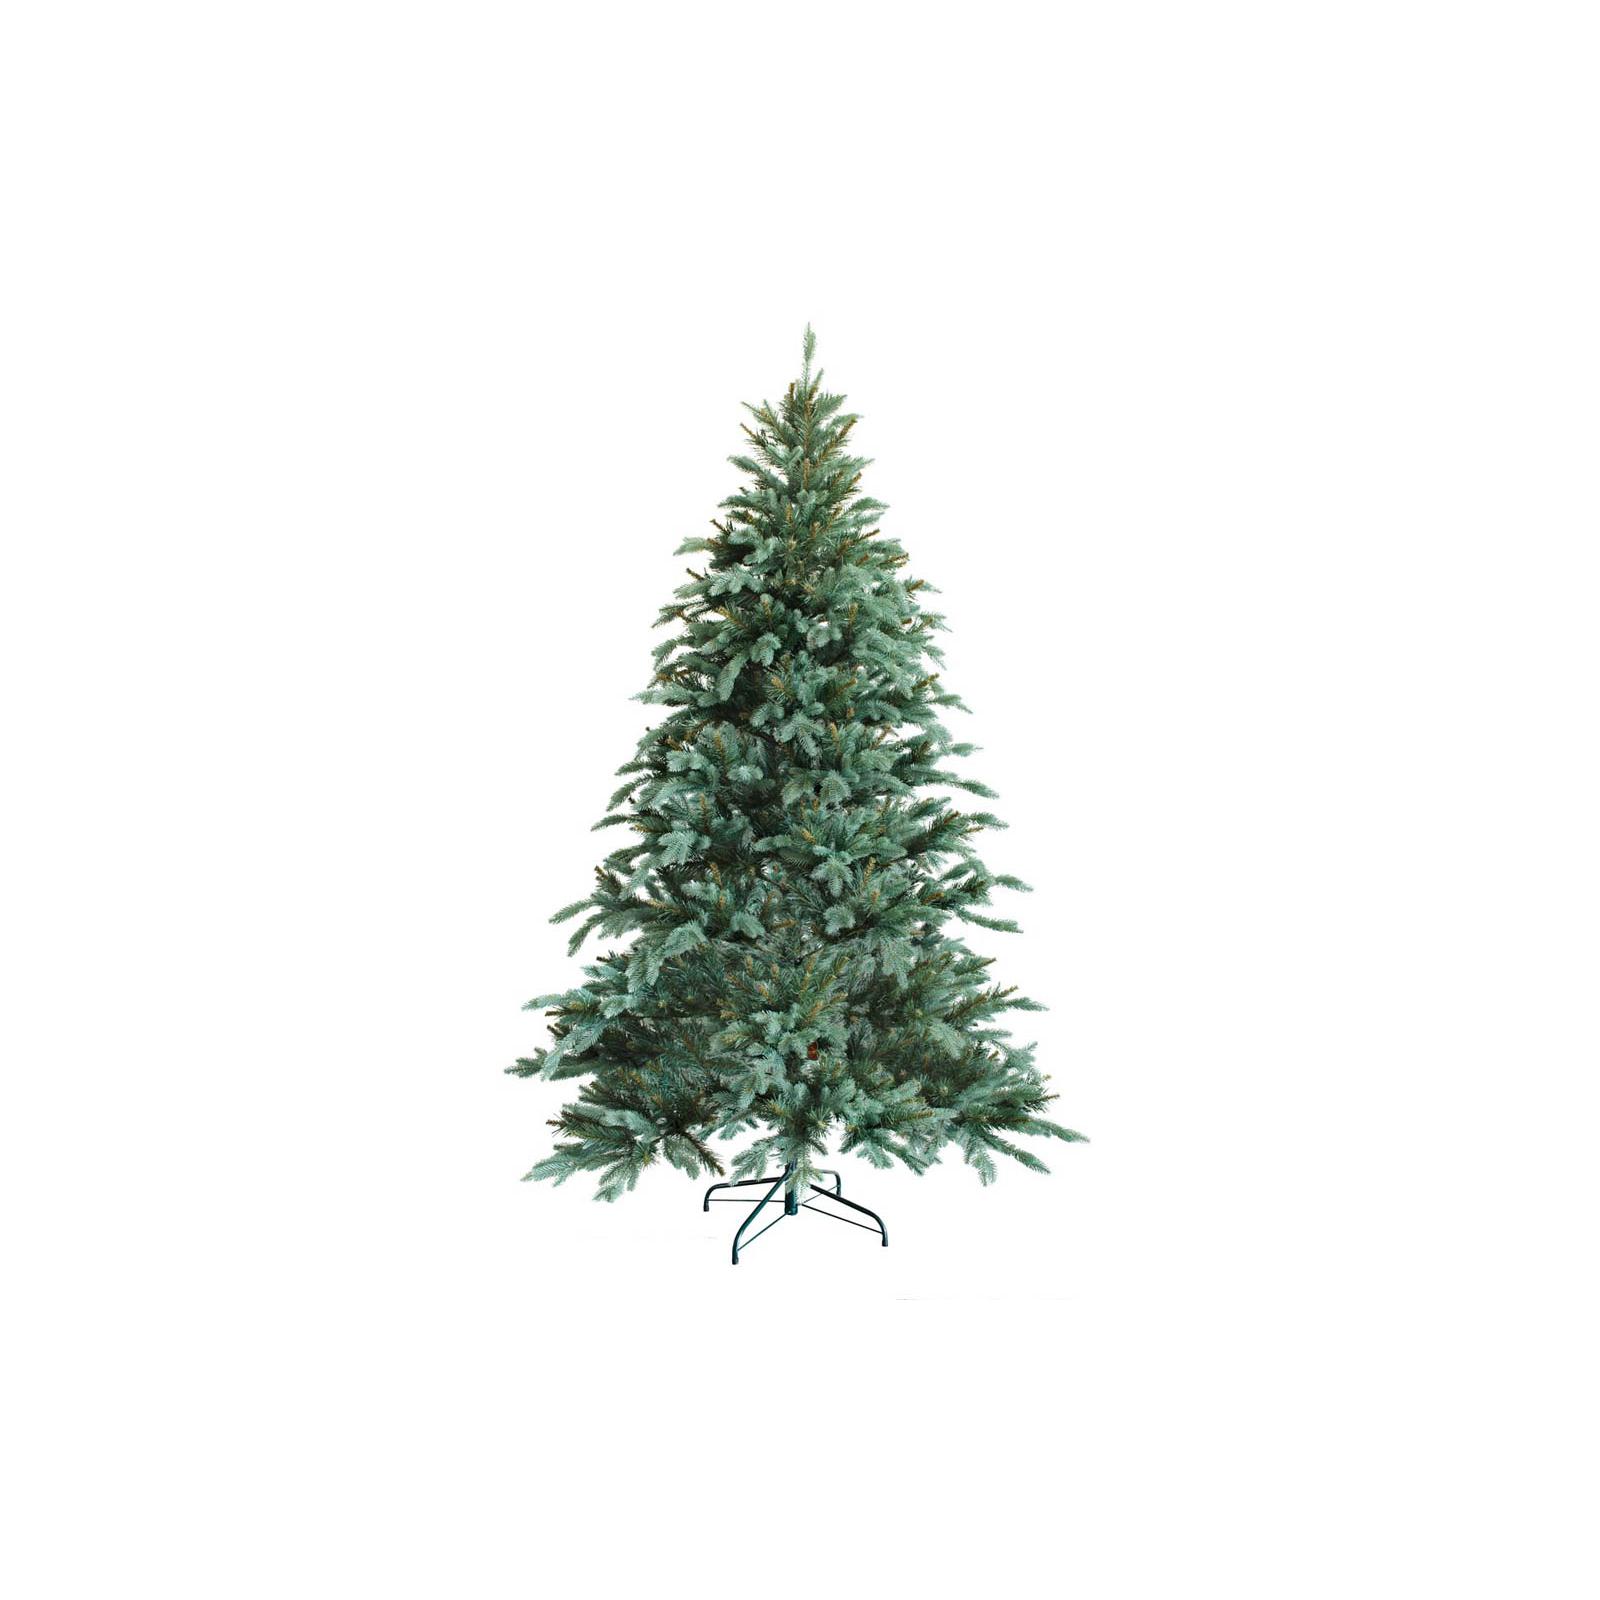 Искусственная елка YES! Fun Ситхинская голубая 1,80 м литая (903535)